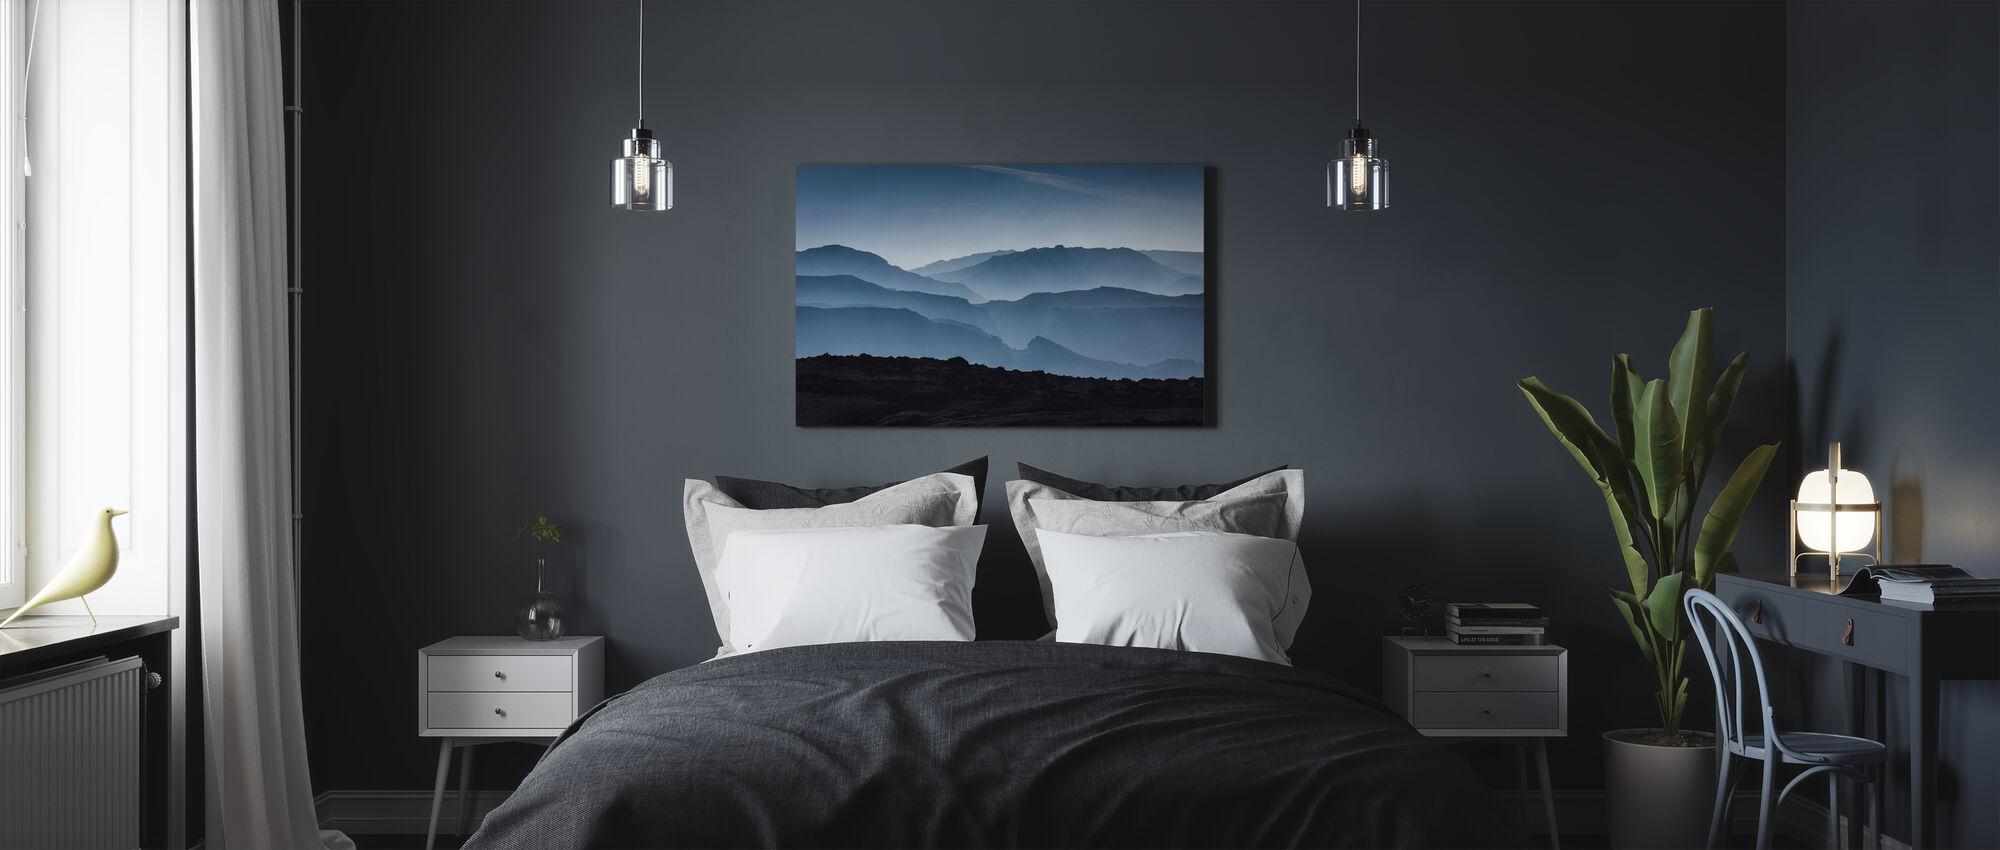 Islannin vuoret - Canvastaulu - Makuuhuone